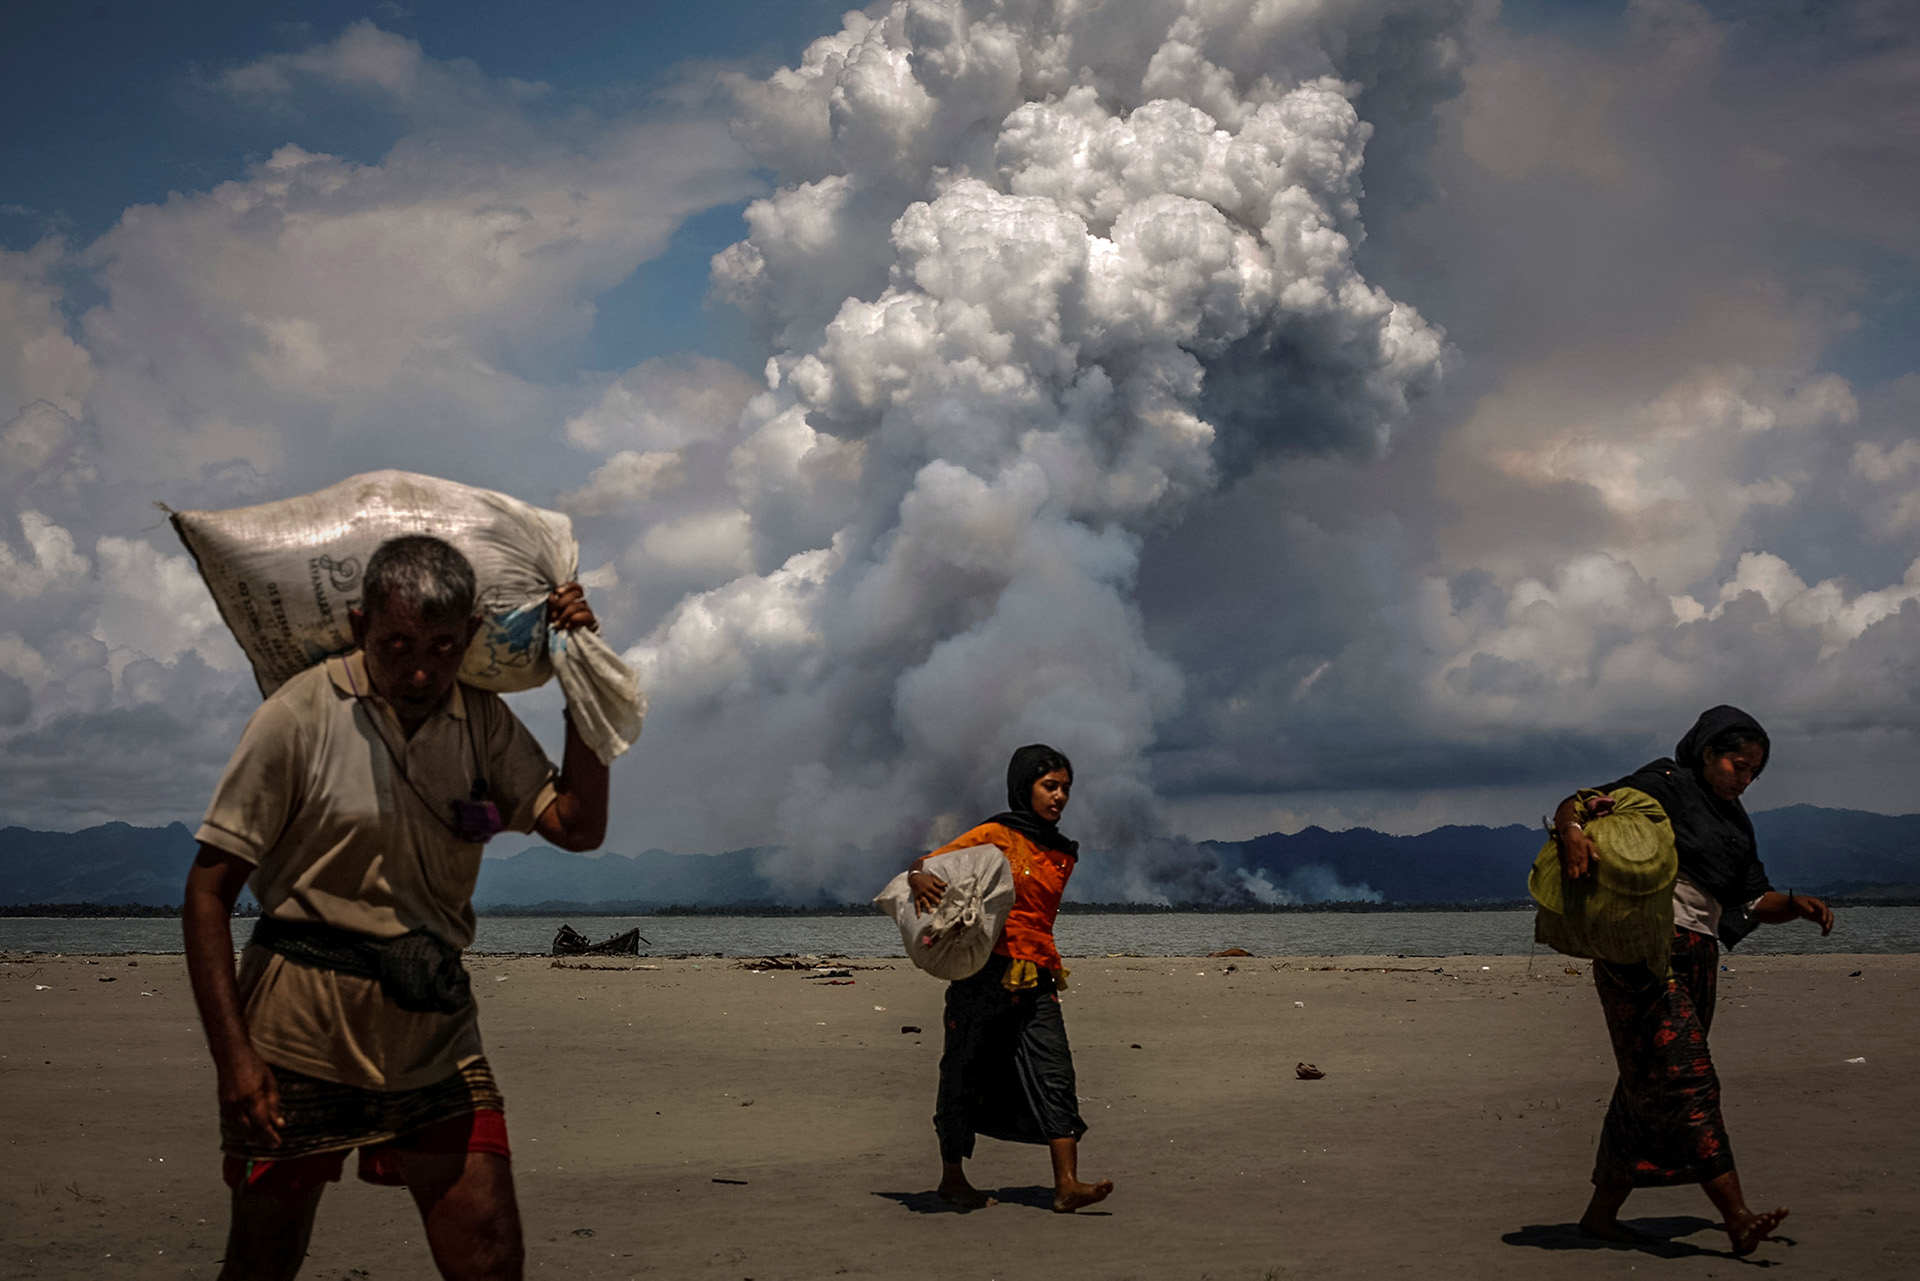 Se ve humo en la frontera de Myanmar cuando los refugiados rohingya caminan por la orilla después de cruzar la frontera entre Bangladesh y Myanmar en barco por la Bahía de Bengala, en Shah Porir Dwip, Bangladesh, el 11 de septiembre de 2017. (Danish Siddiqui)